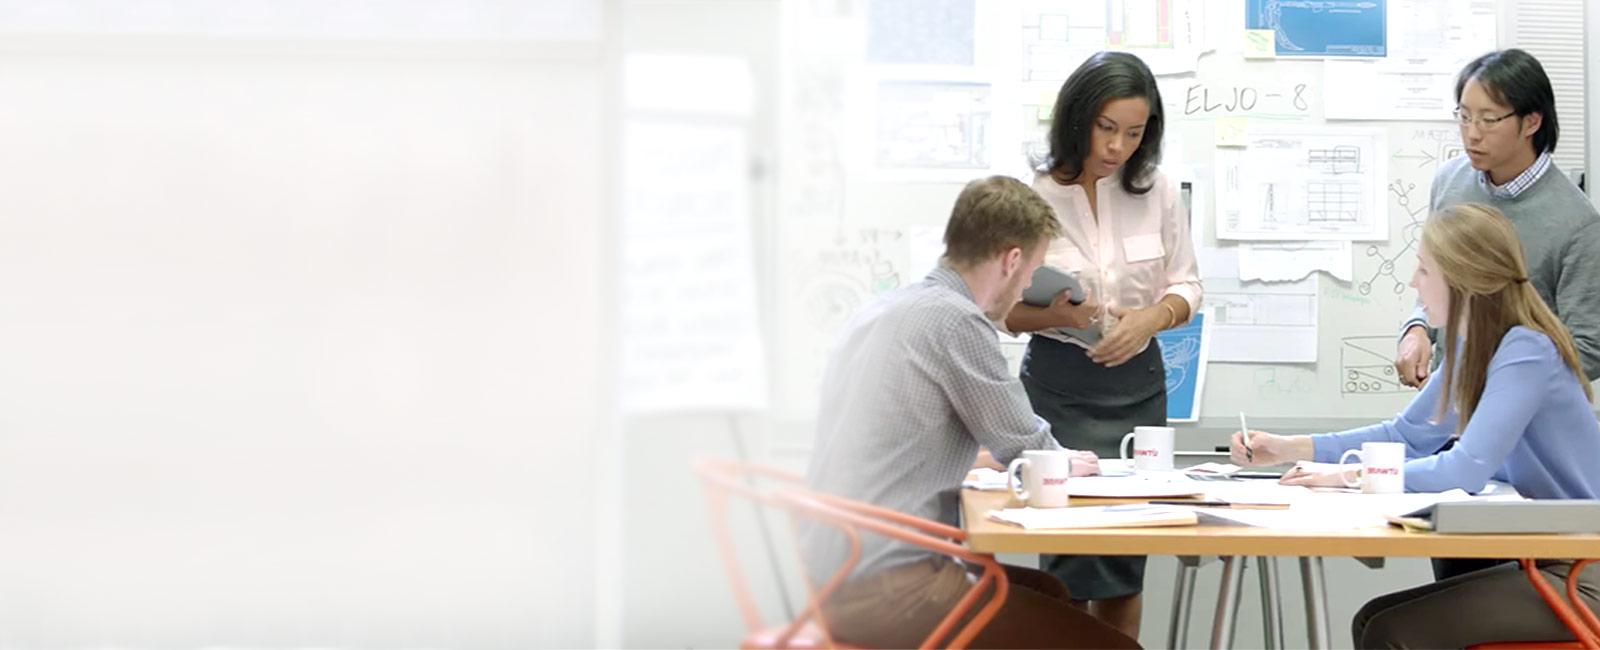 To stående personer og to personer, der sidder ved et bord fyldt med dokumenter foran et whiteboard.